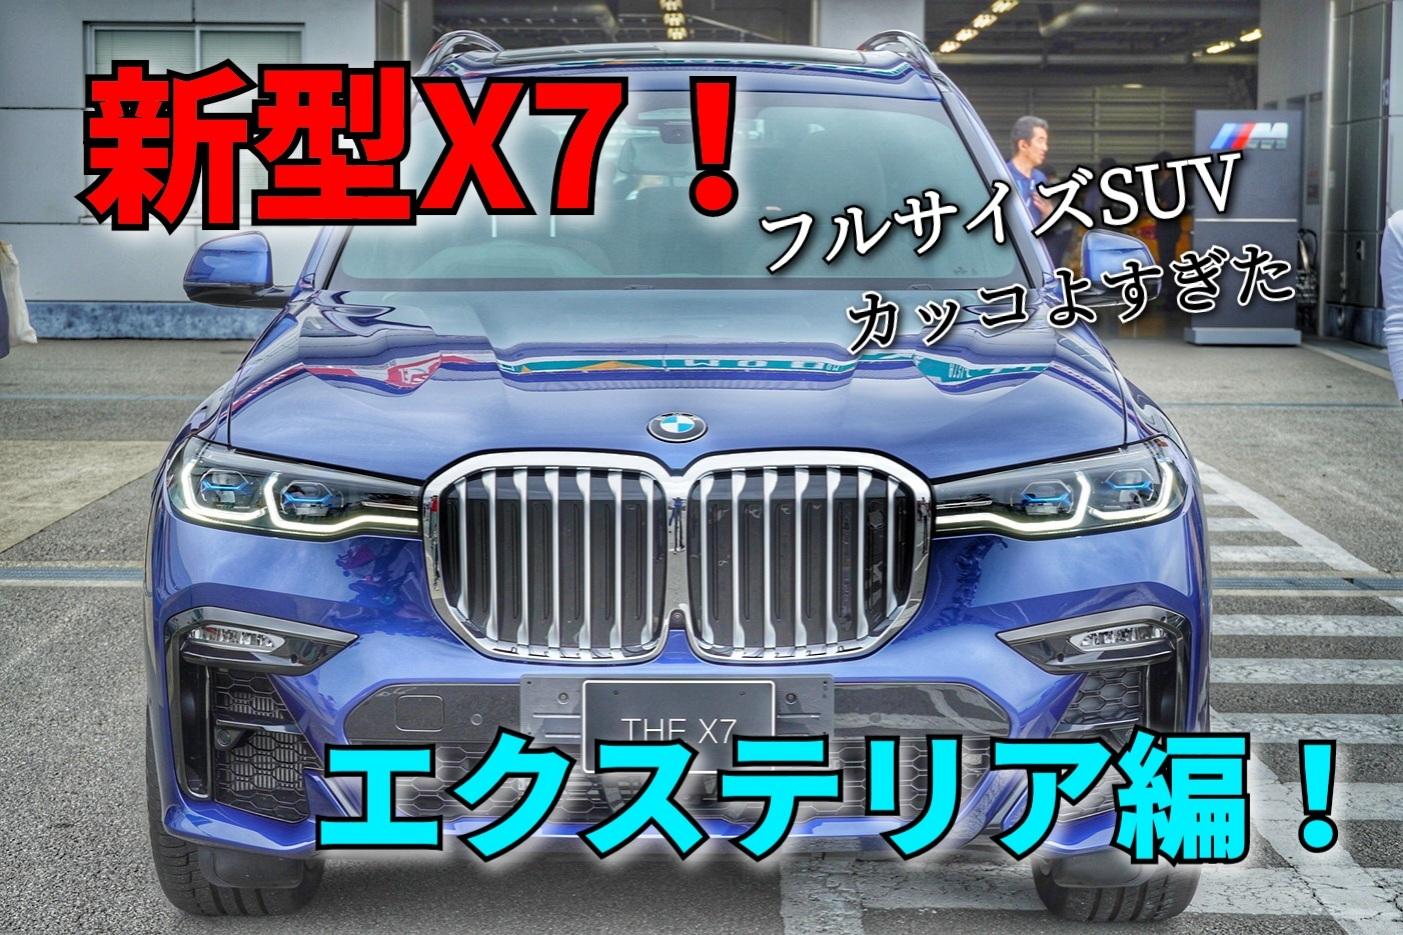 【価格は1079万円から】新型X7インプレッション!エクステリア編!① 】